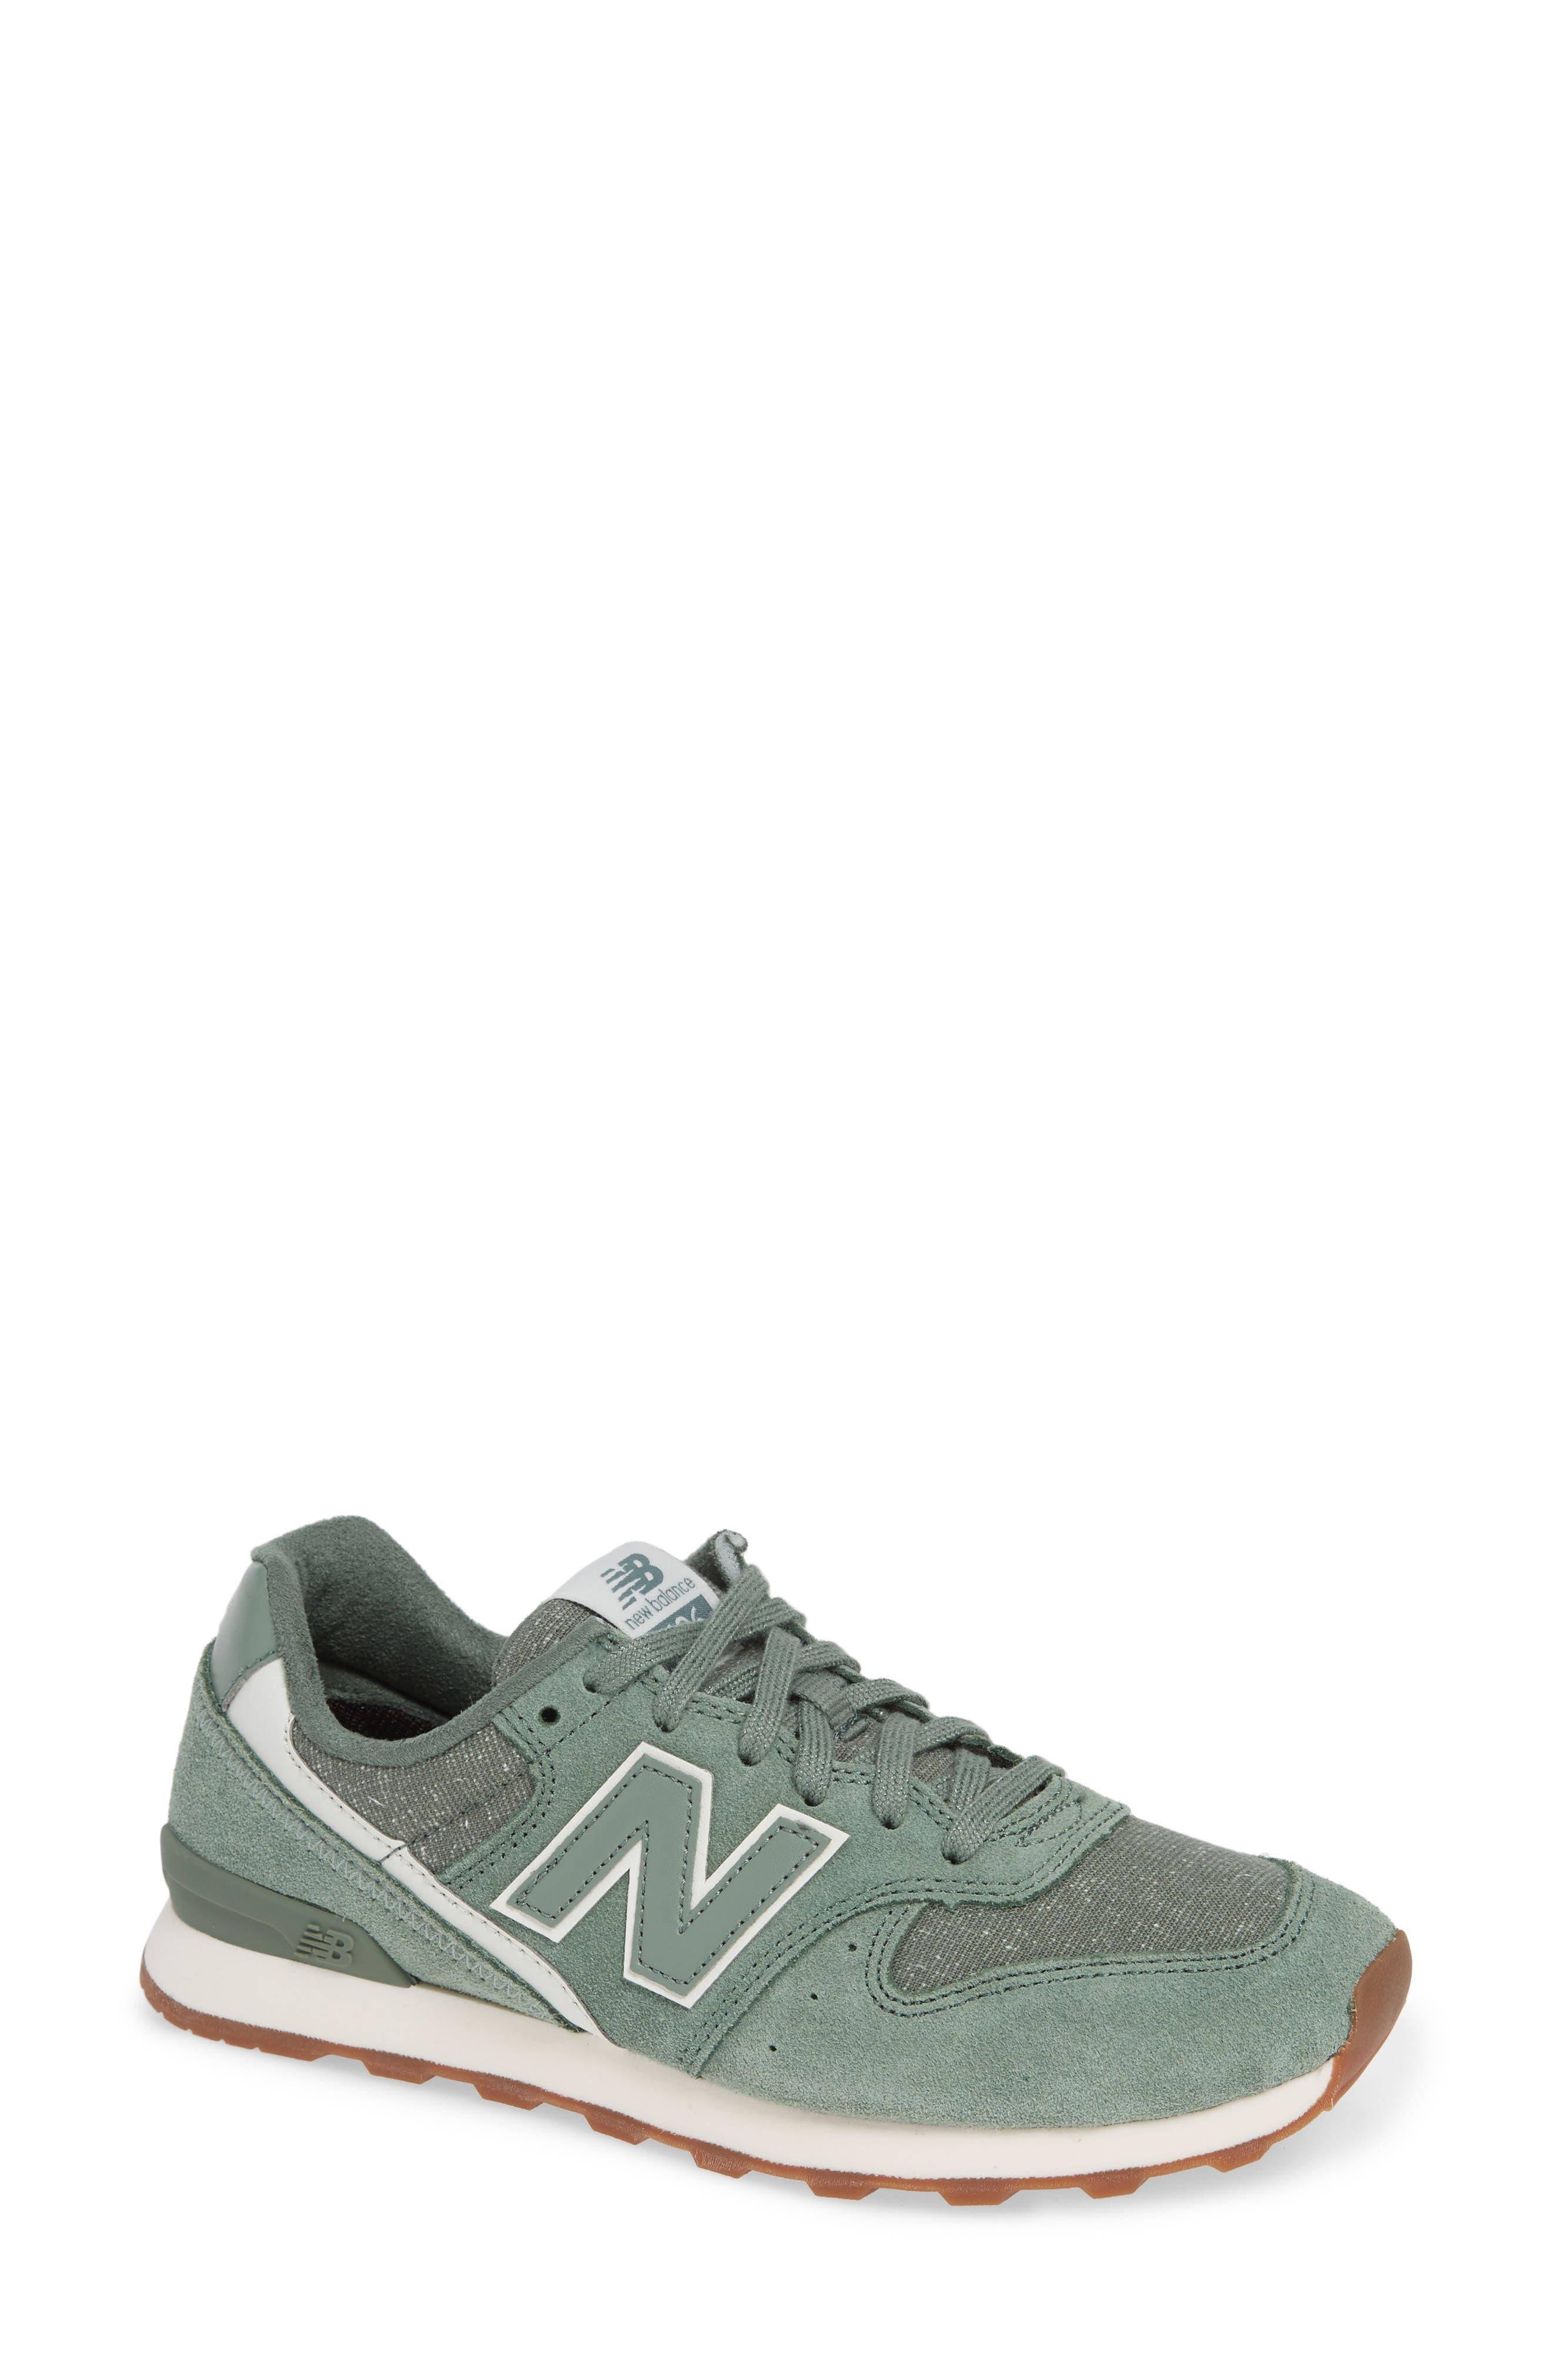 696 Sneaker,                         Main,                         color, 300